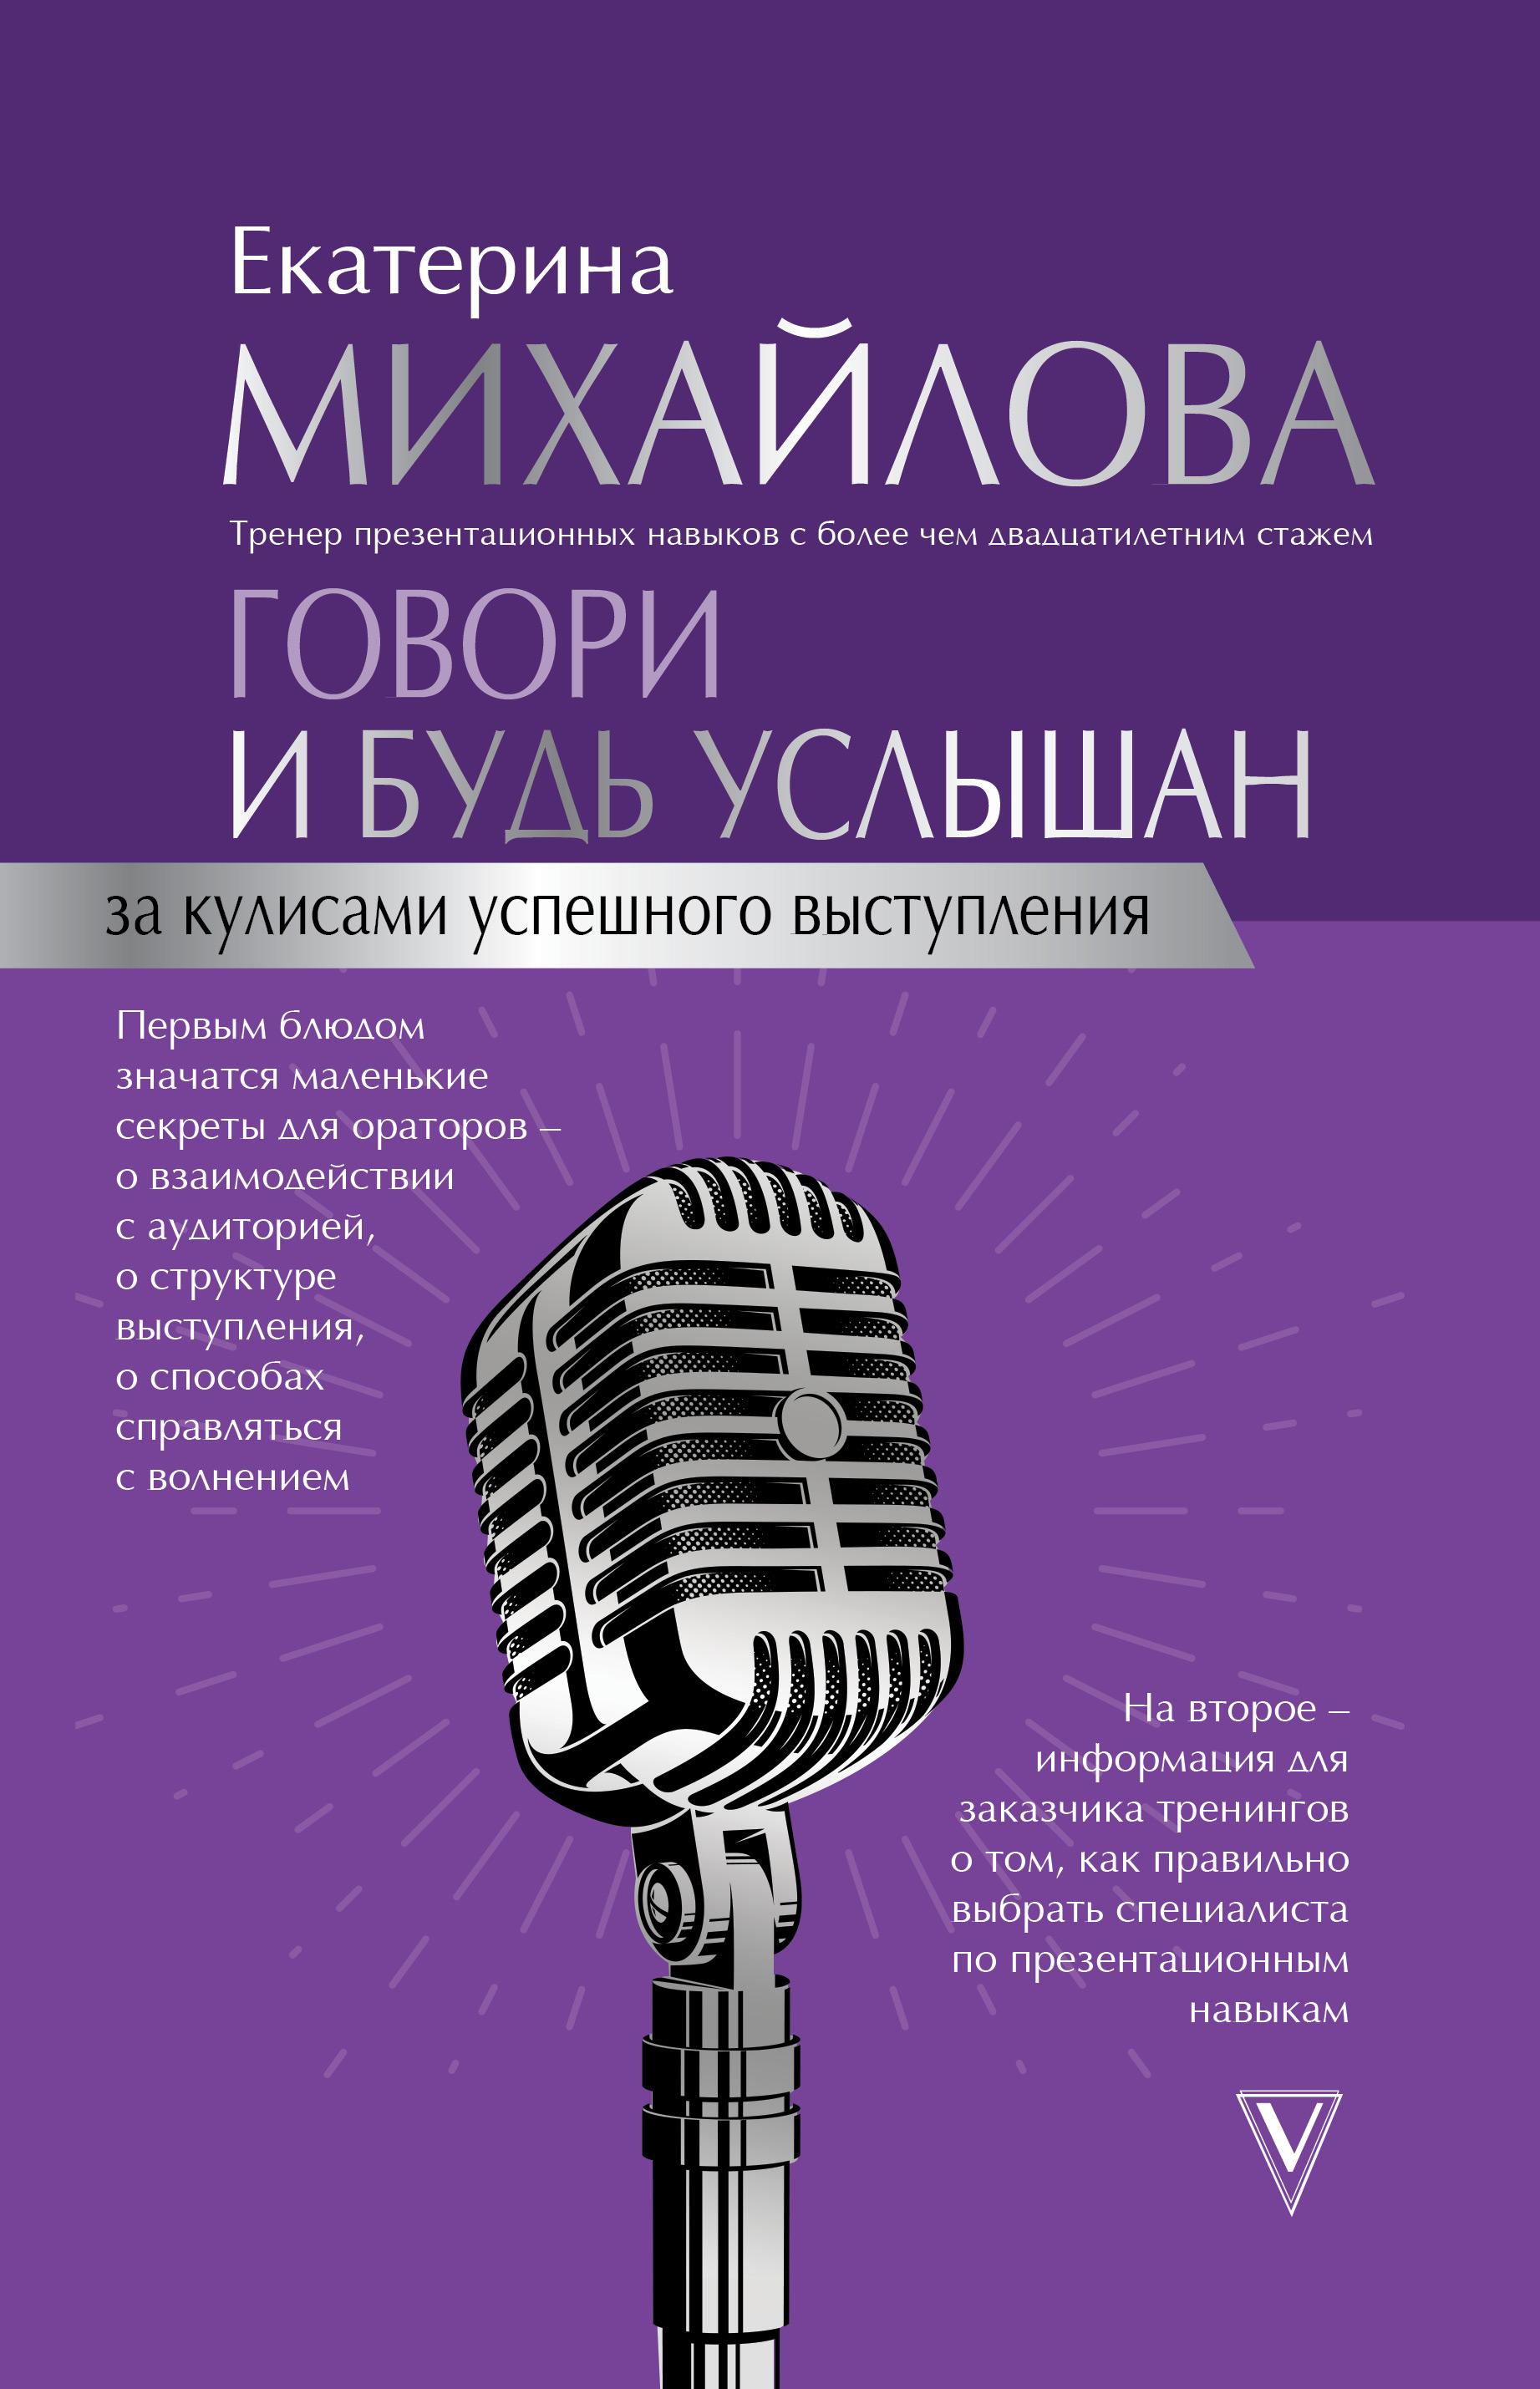 Купить книгу Говори и будь услышан. За кулисами успешного выступления, автора Екатерины Львовны Михайловой